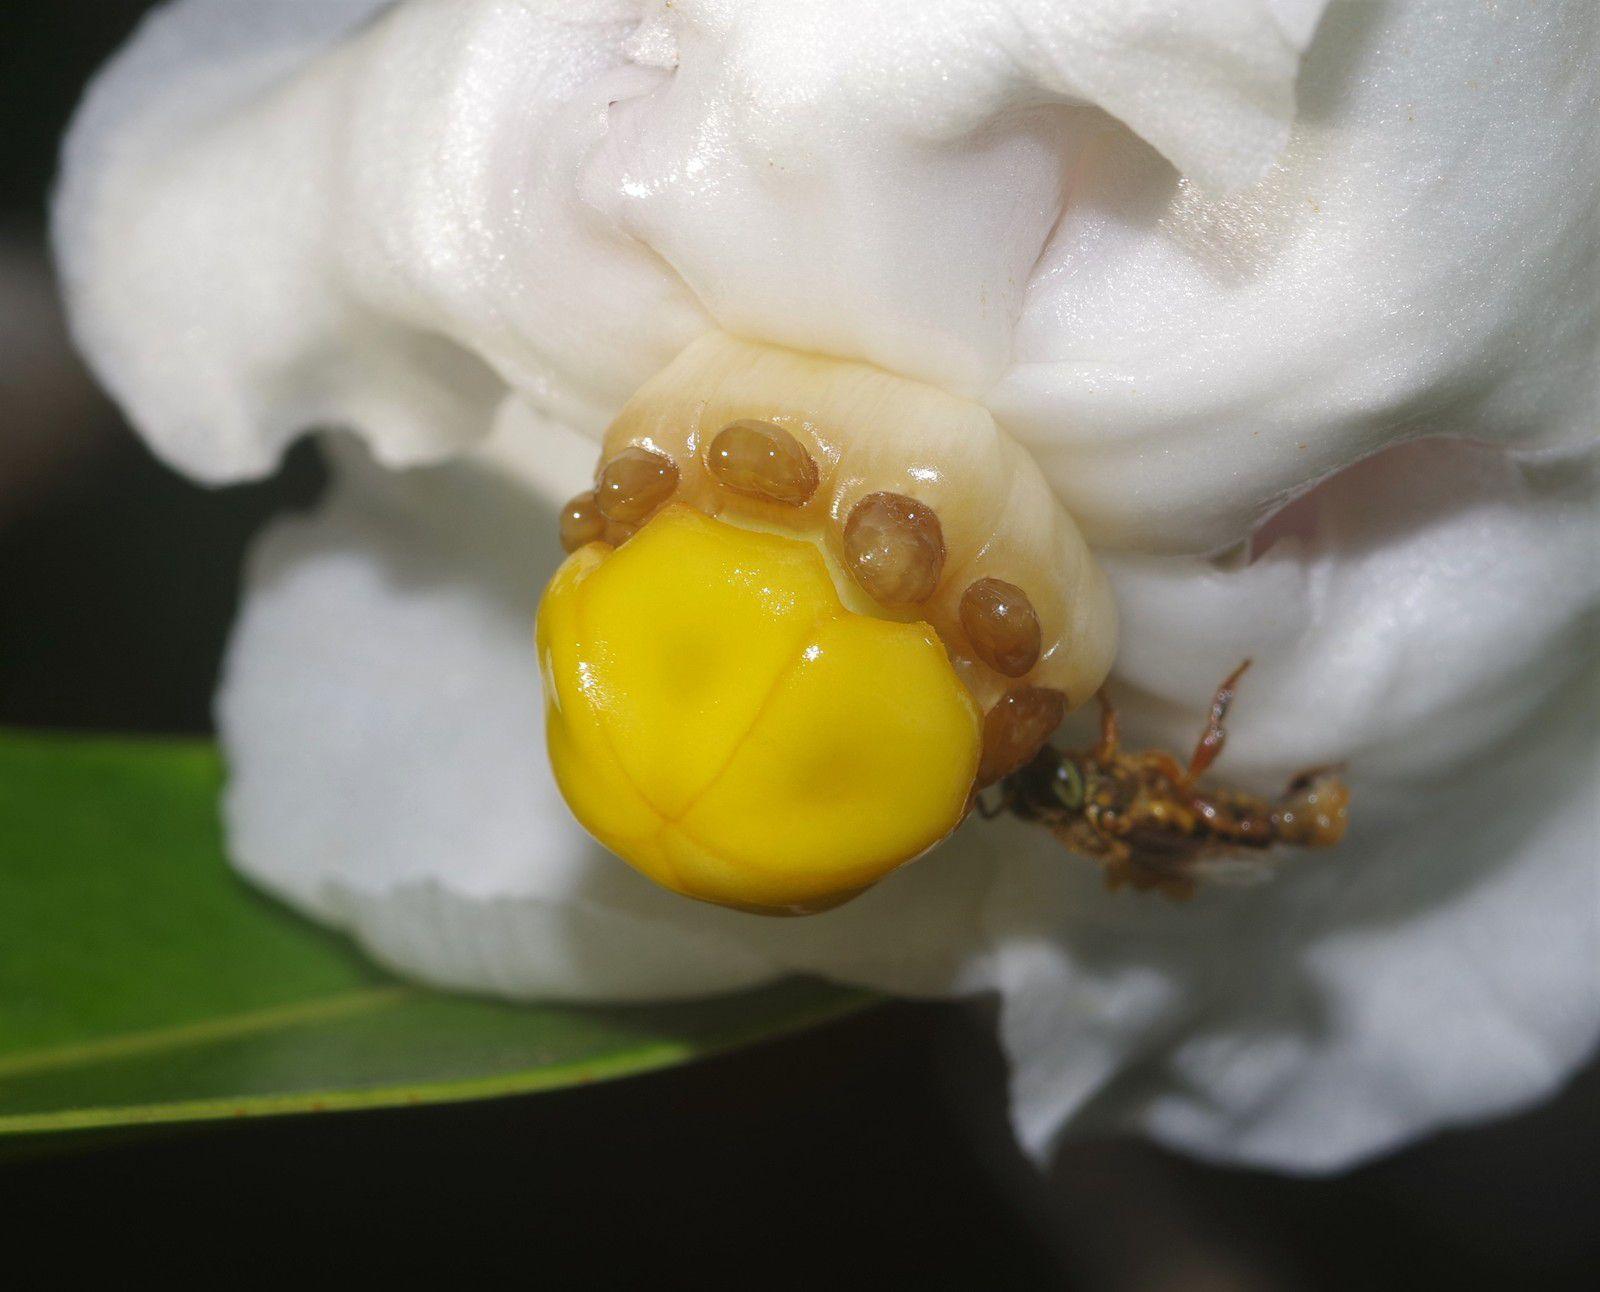 Clusia scrobiculata